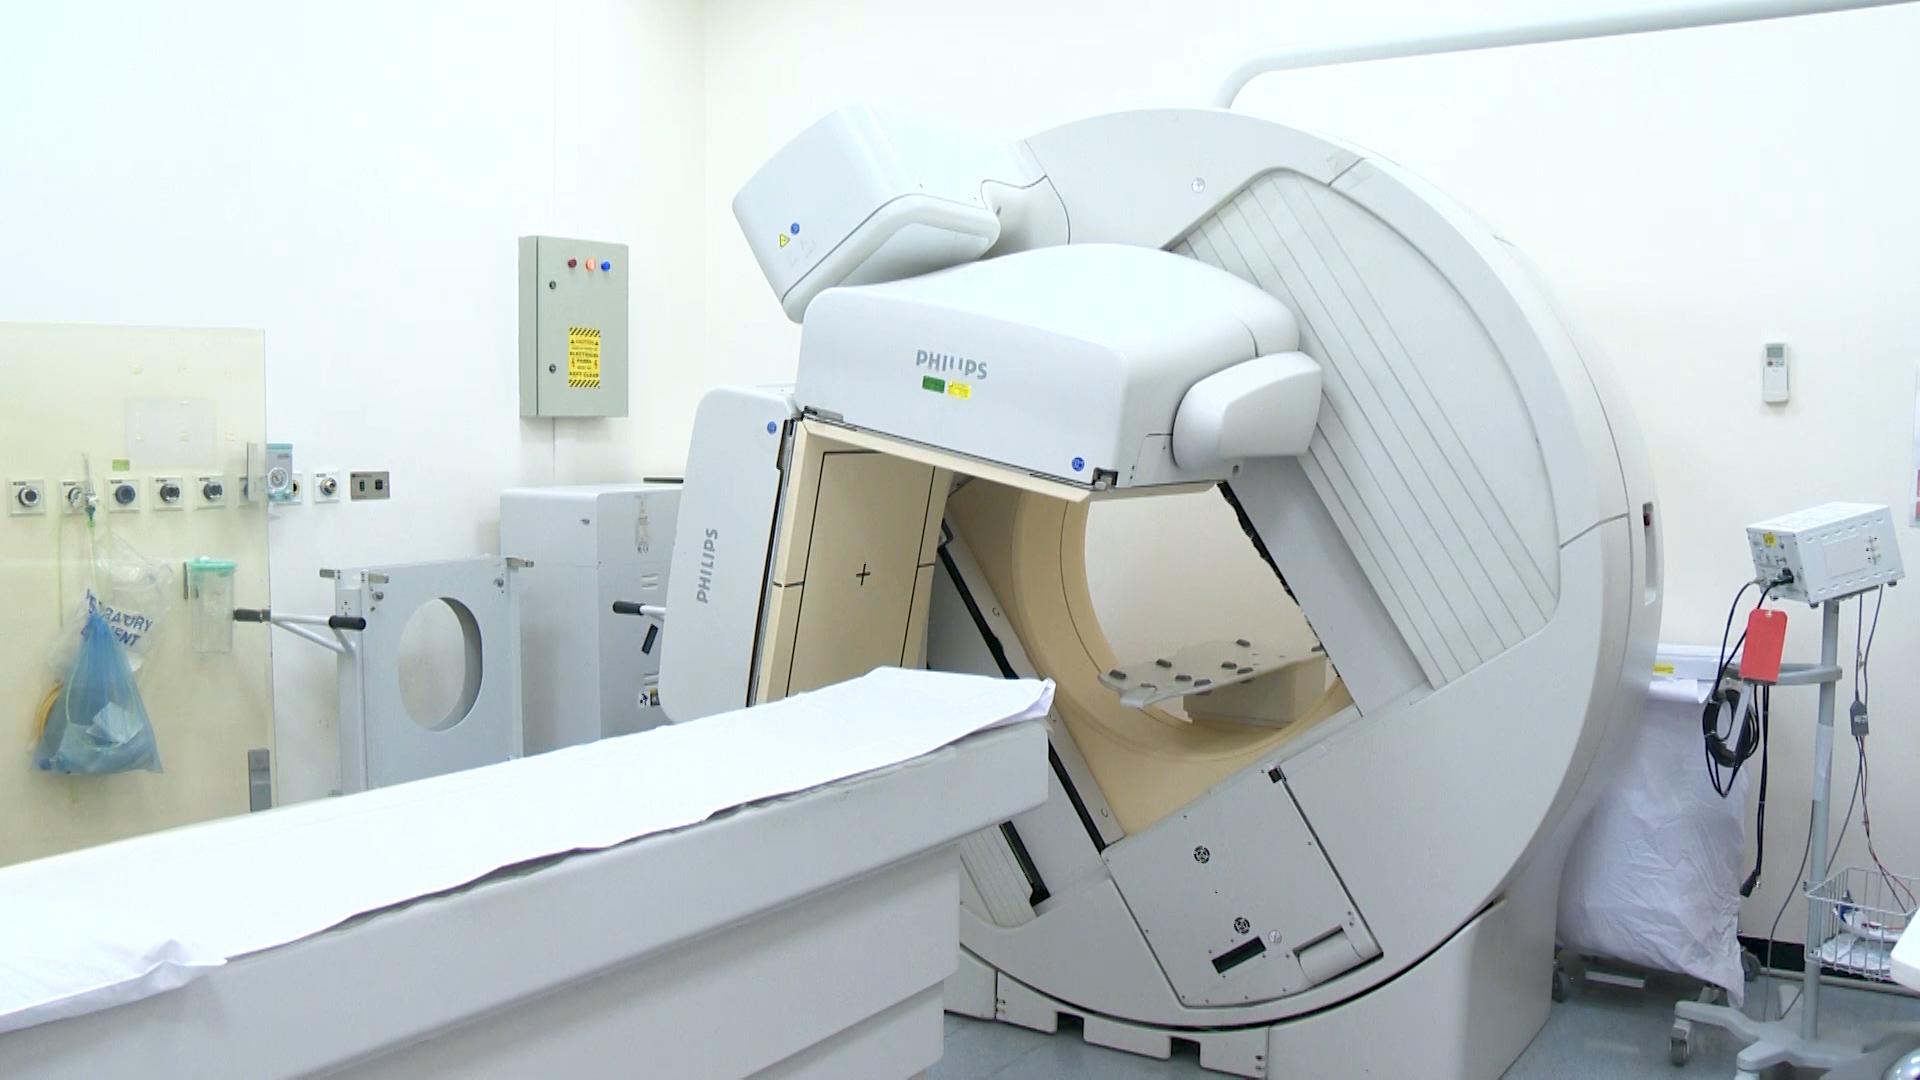 """تقرير/ """"صحة"""" تستخدم أحدث تقنيات العلاج بالطب النووي وفق المعايير العالمية"""